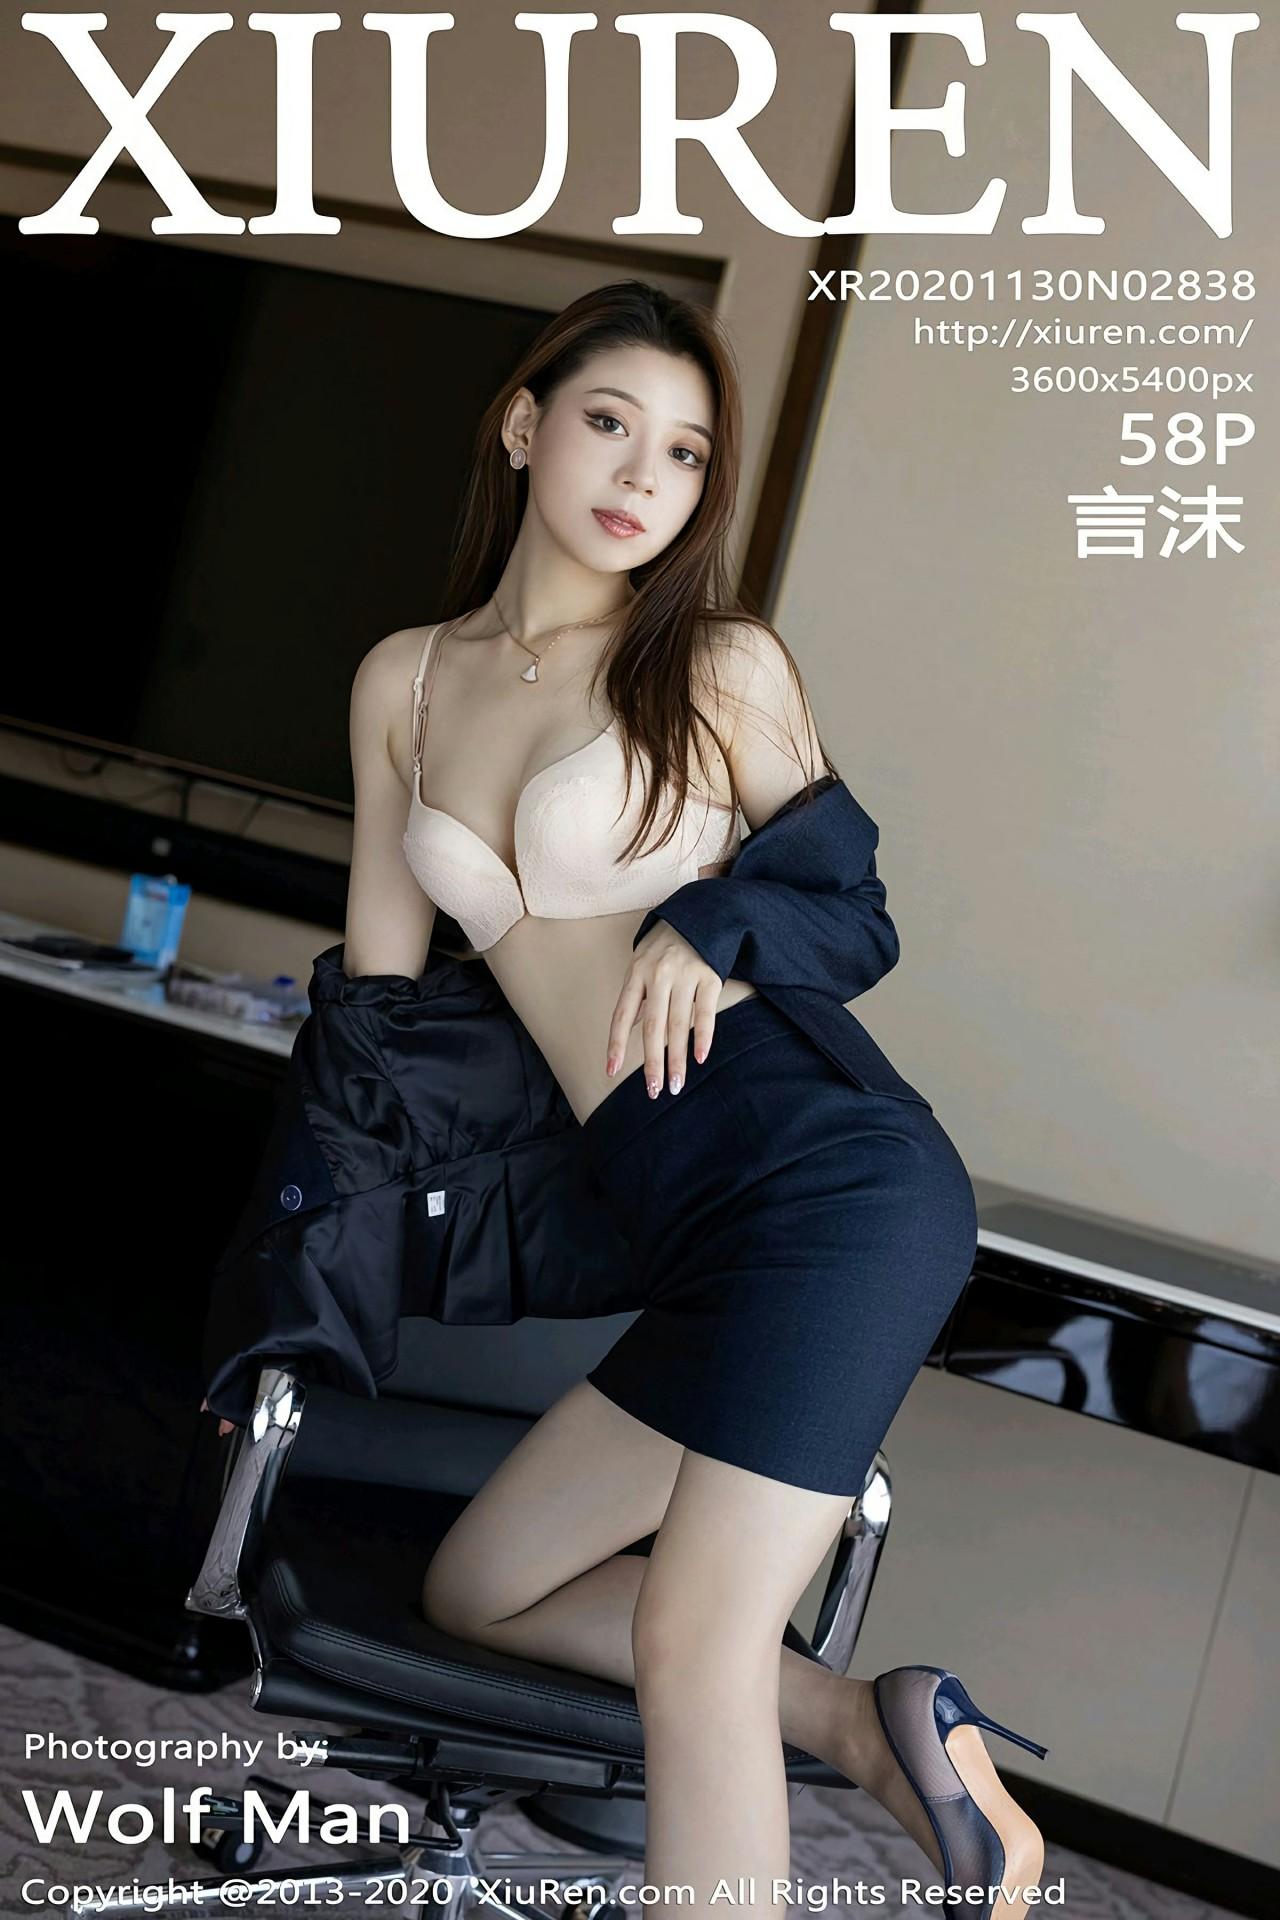 [XiuRen秀人网] 2020.11.30 No.2838 言沫 第1张